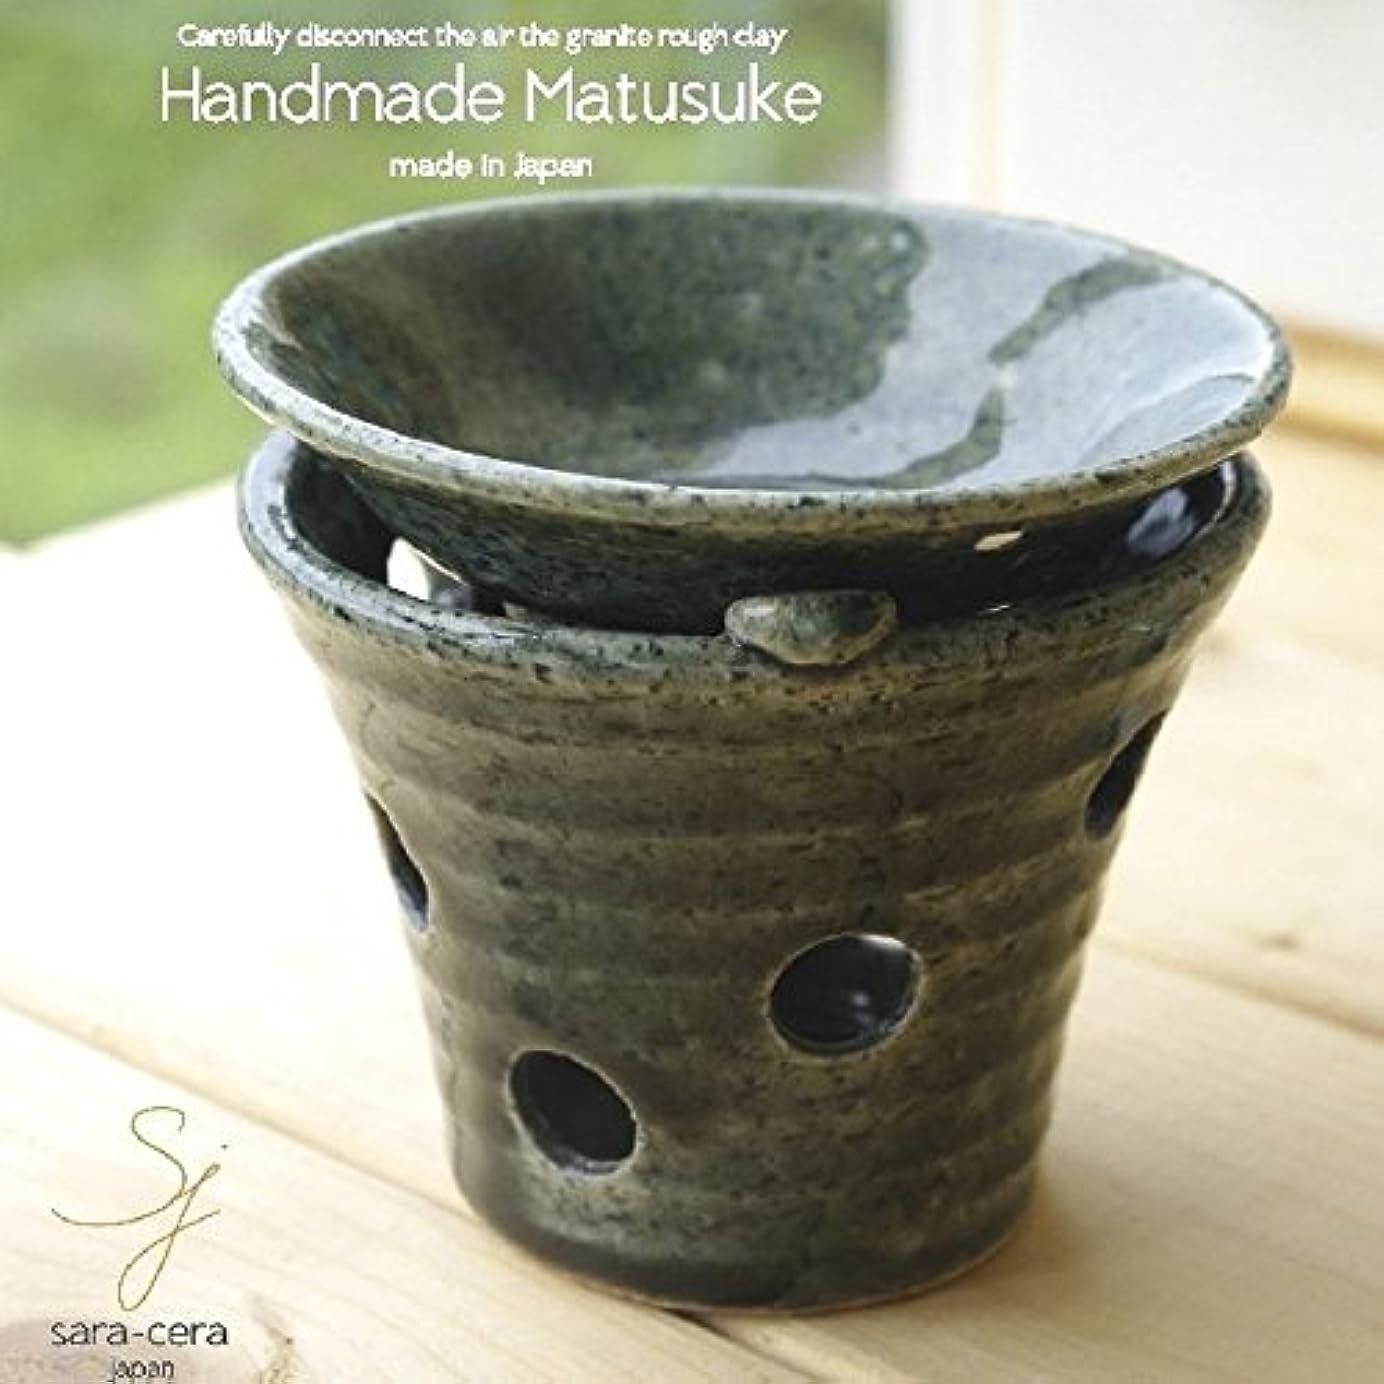 姓一回アジテーション松助窯 手作り茶香炉セット 織部釉 アロマ 和食器 リビング